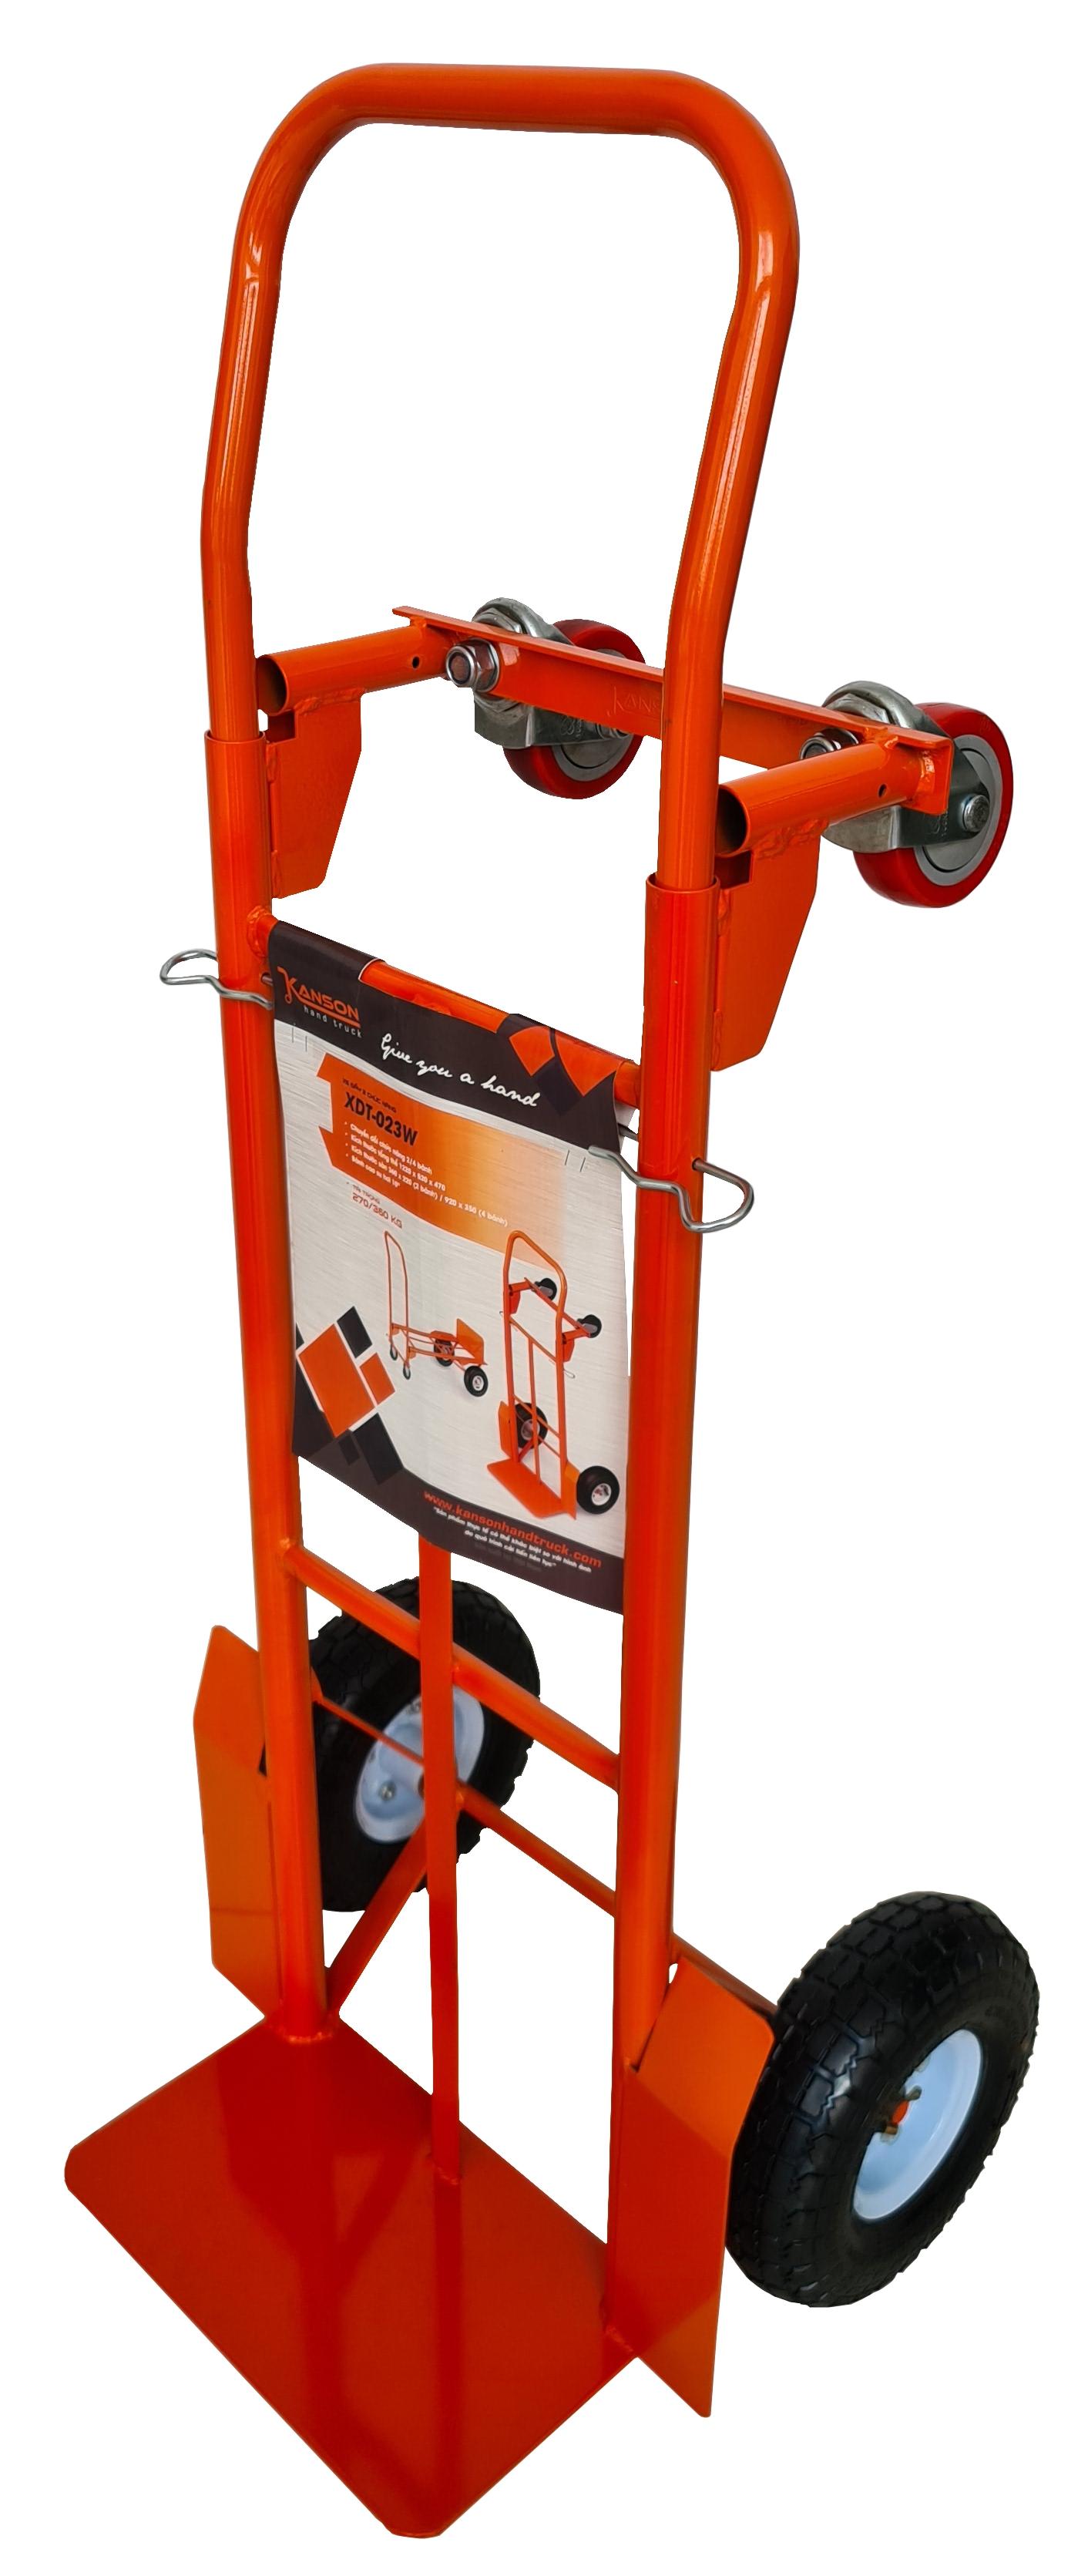 Xe đẩy Kanson hai chức năng màu cam TP-XDT023W - tải trọng từ 270-360kg